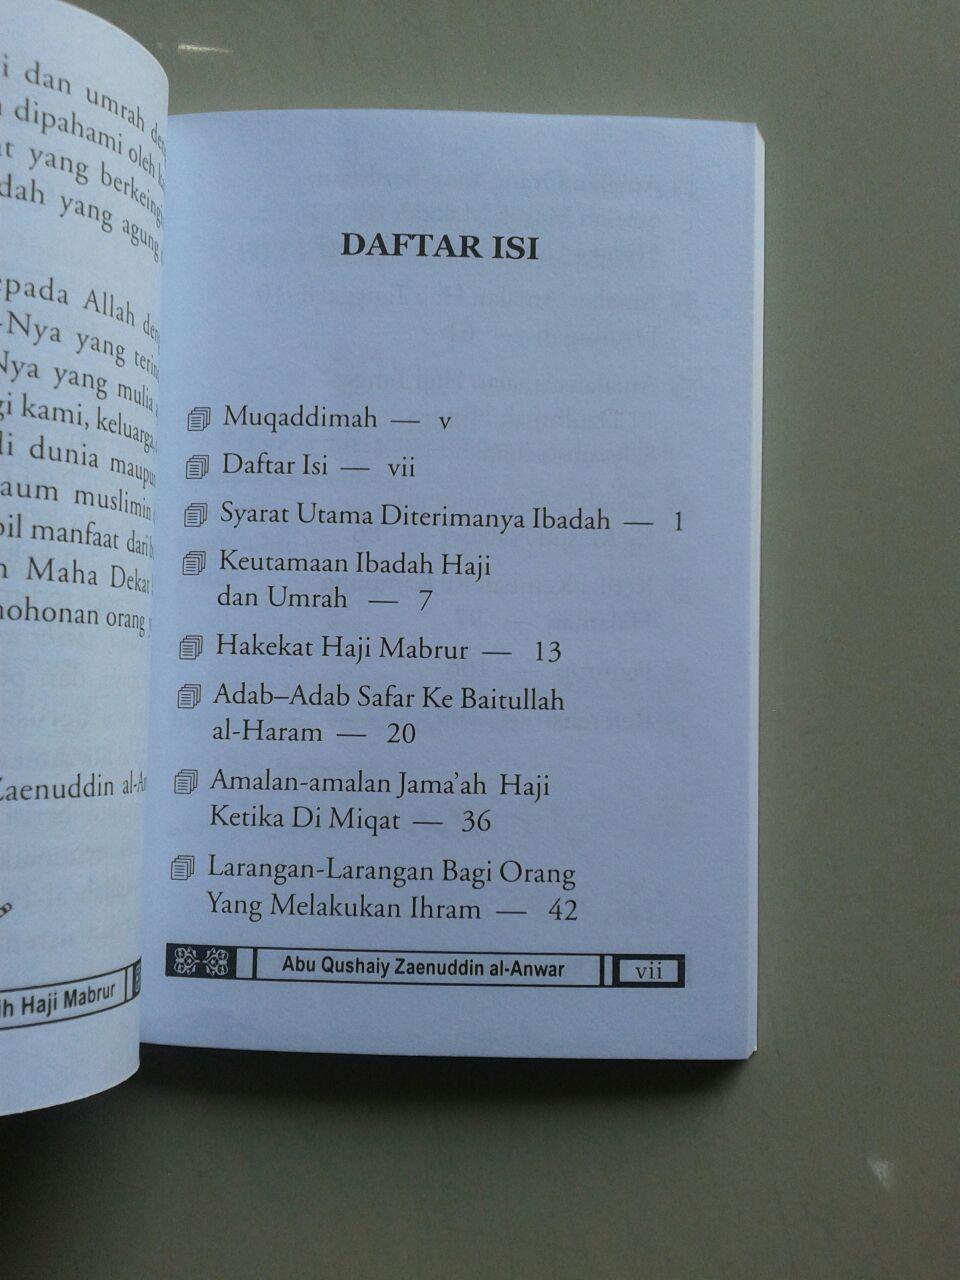 Buku Saku Bekal Umrah & Meraih Haji Mabrur isi